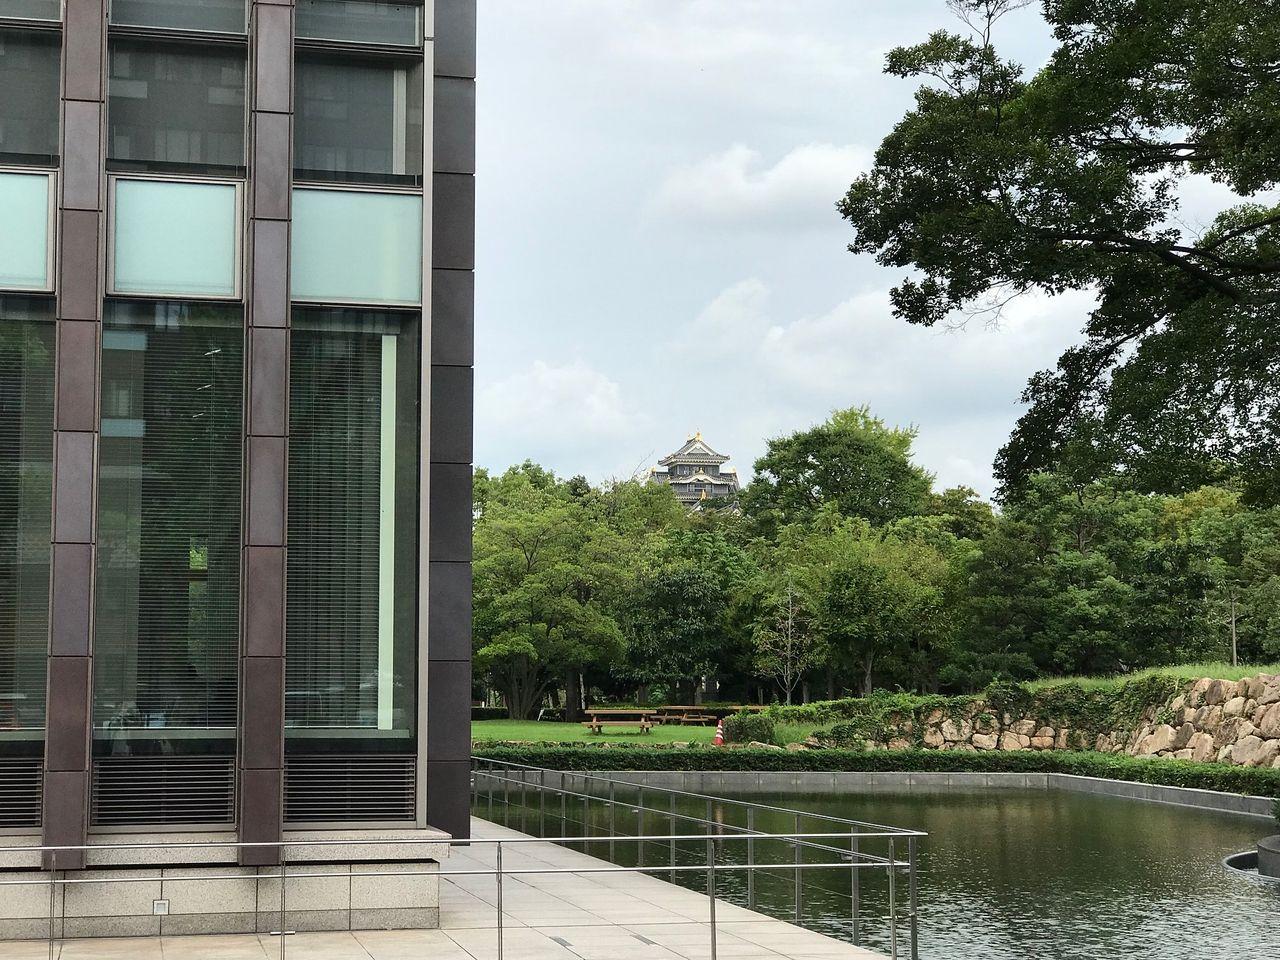 北から烏城公園・岡山県立図書館・岡山県庁は道を隔てて連なった位置関係です